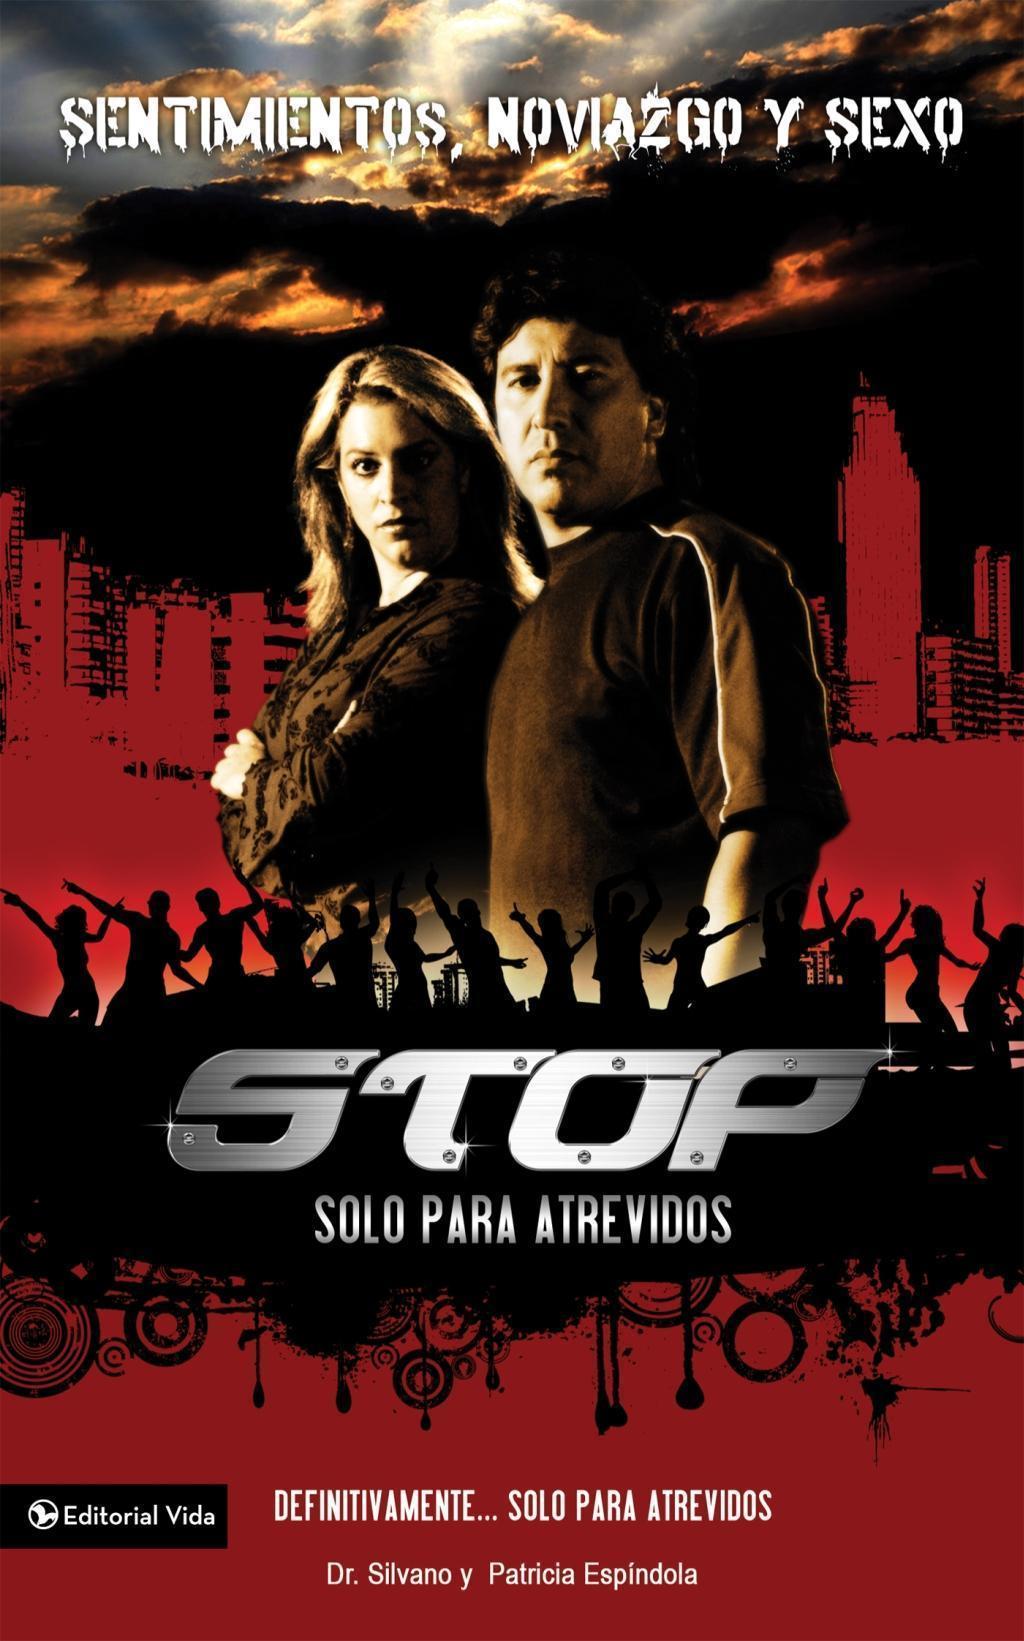 Stop: Sentimientos, noviazgo y sexo